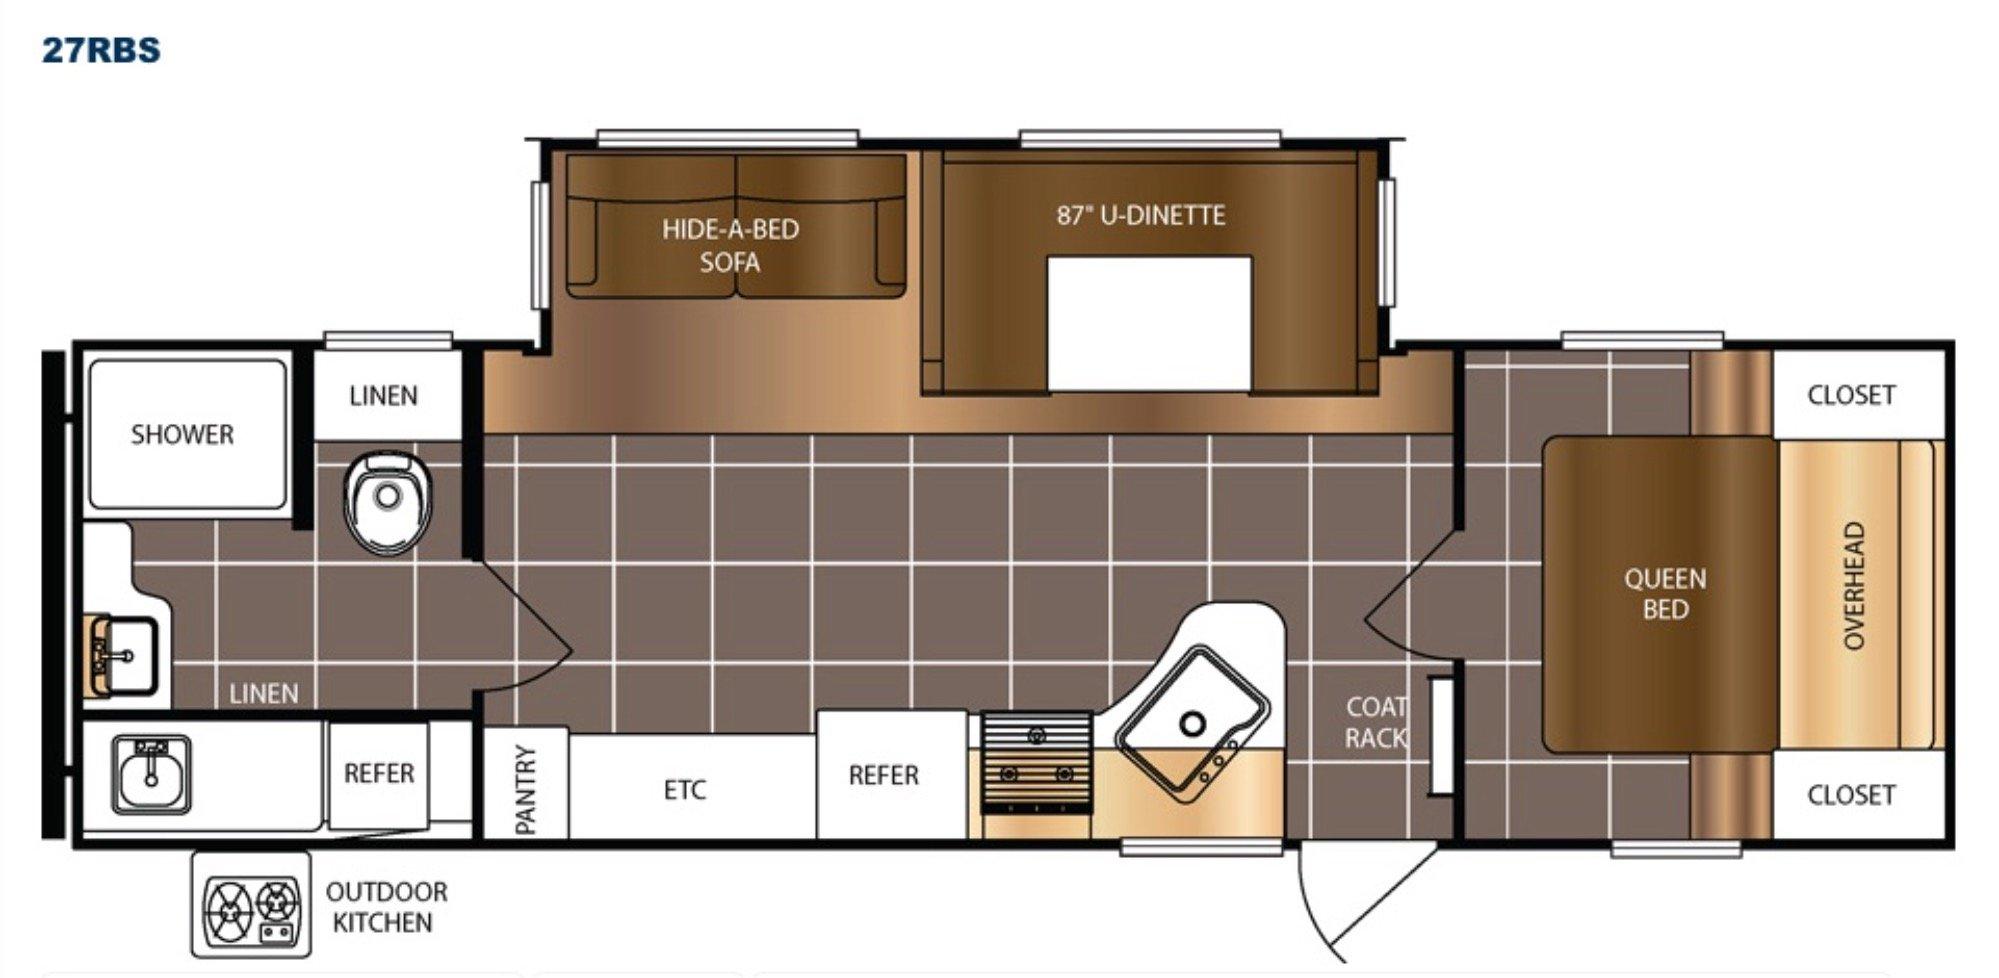 View Floor Plan for 2018 PRIME TIME AVENGER ATI 27RBS